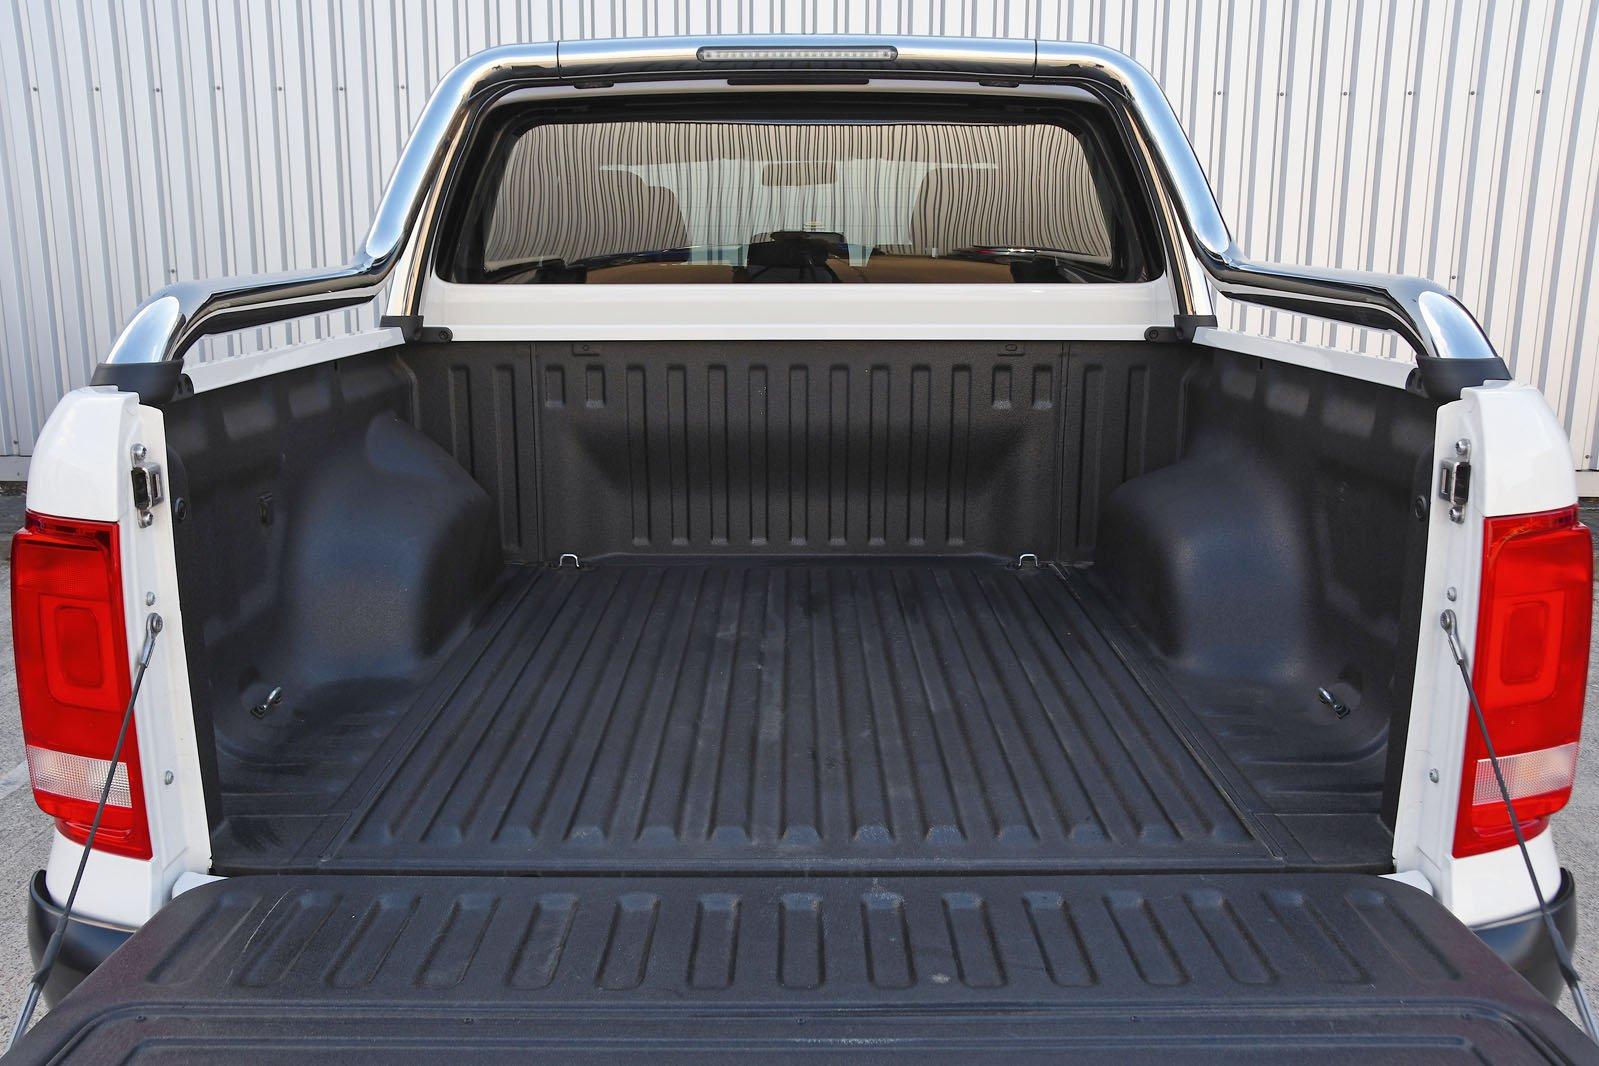 Volkswagen Amarok bed